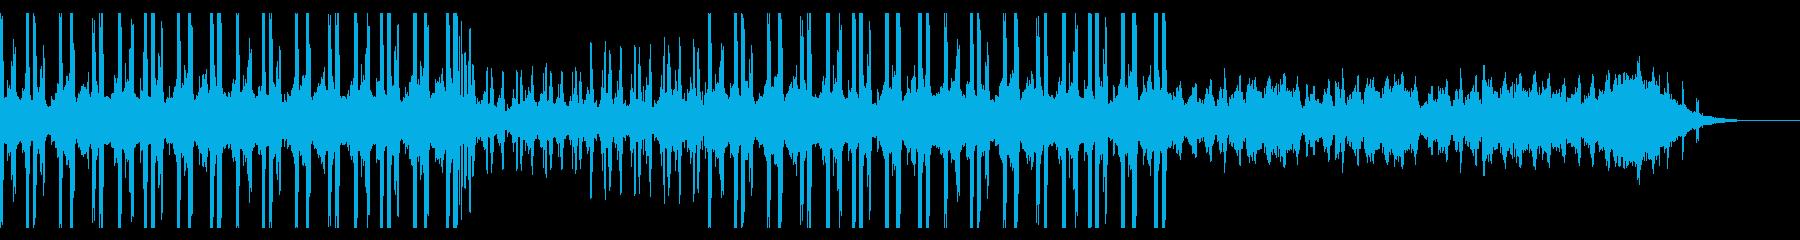 Lofichill ローファイチルの再生済みの波形